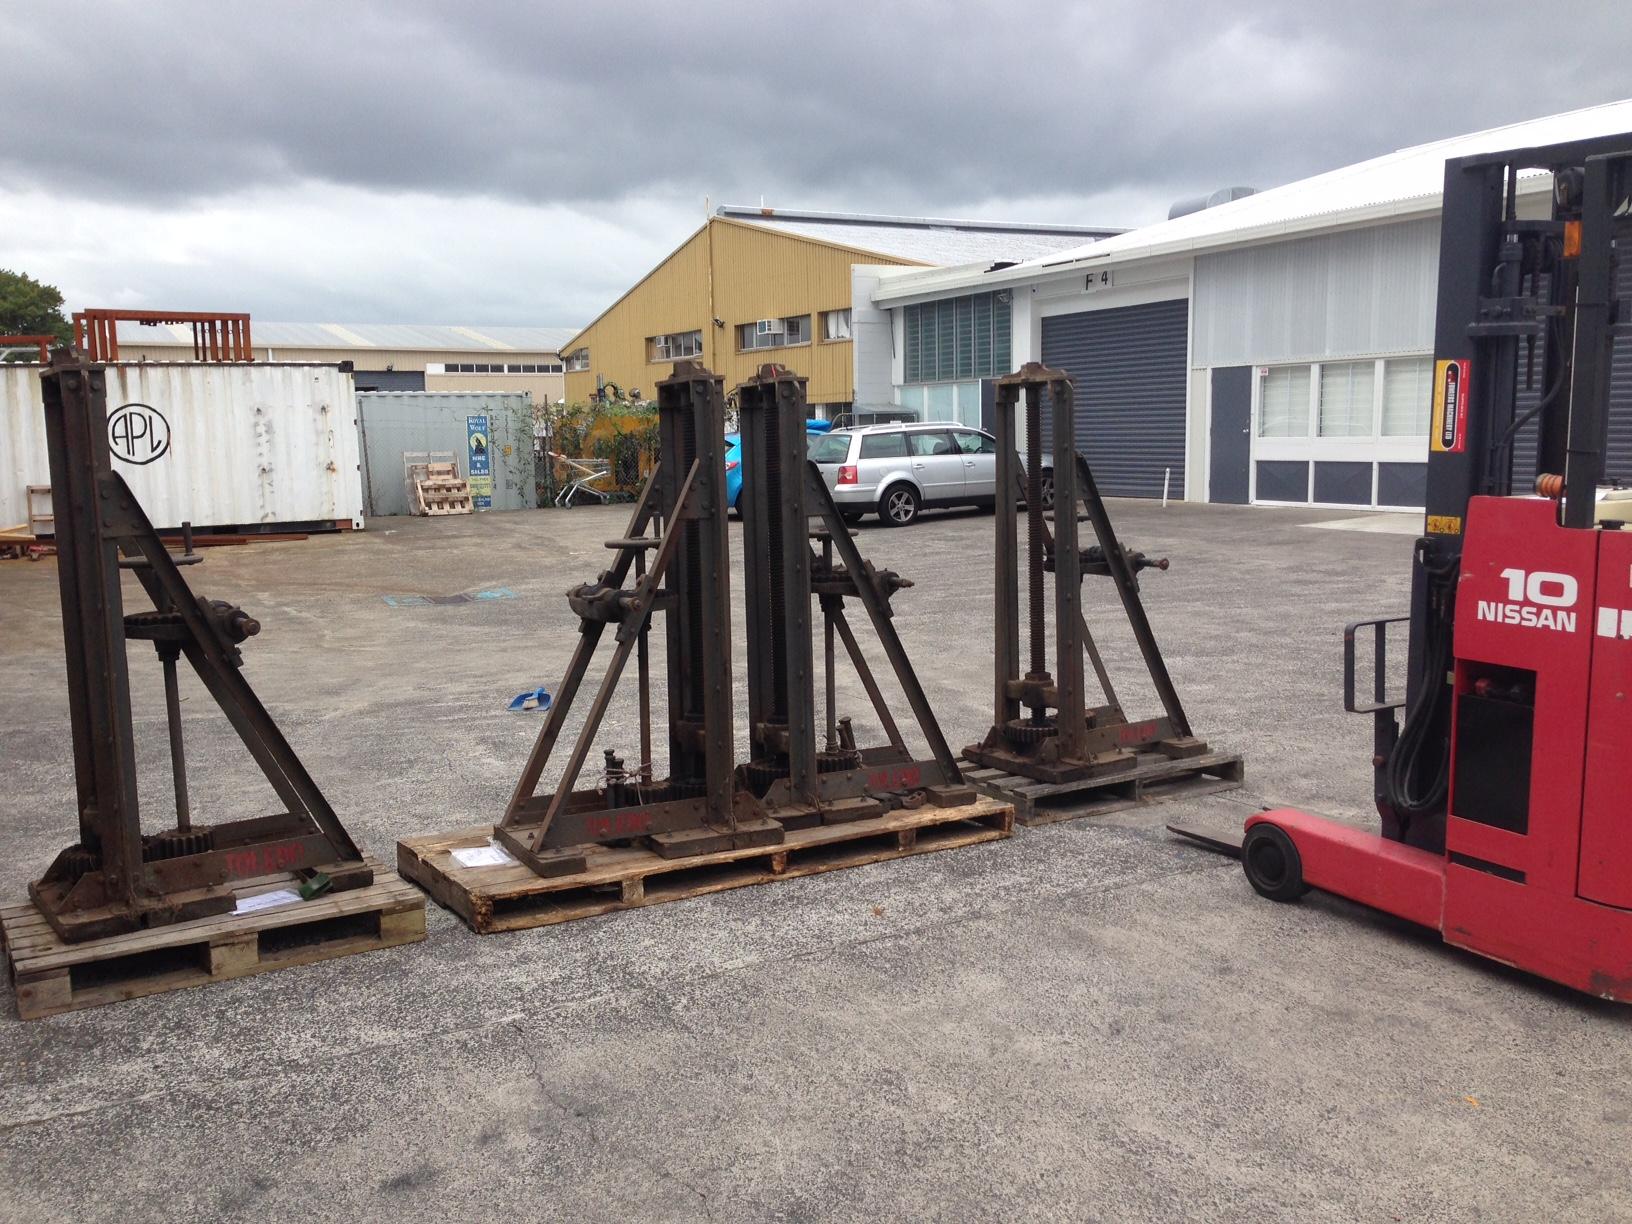 Tram Jacks arrive at the workshop